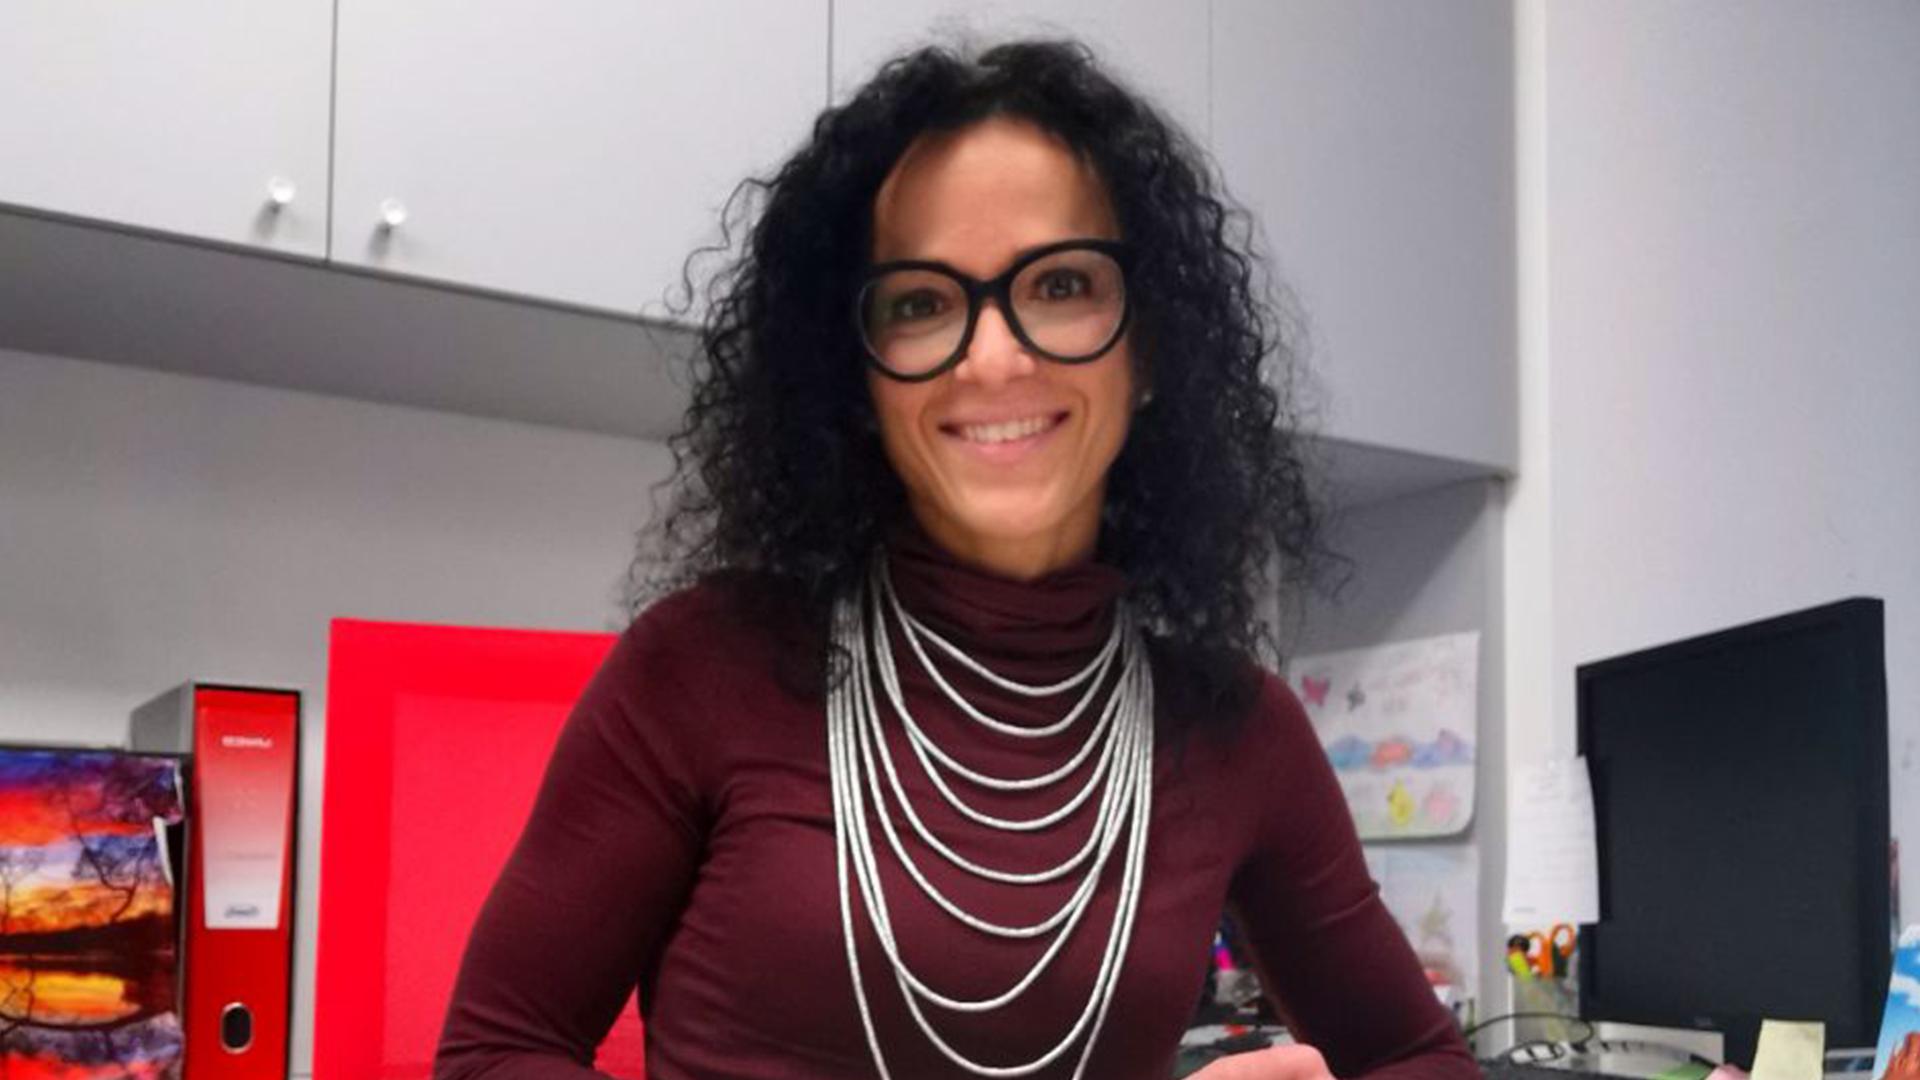 Monica Valsecchi